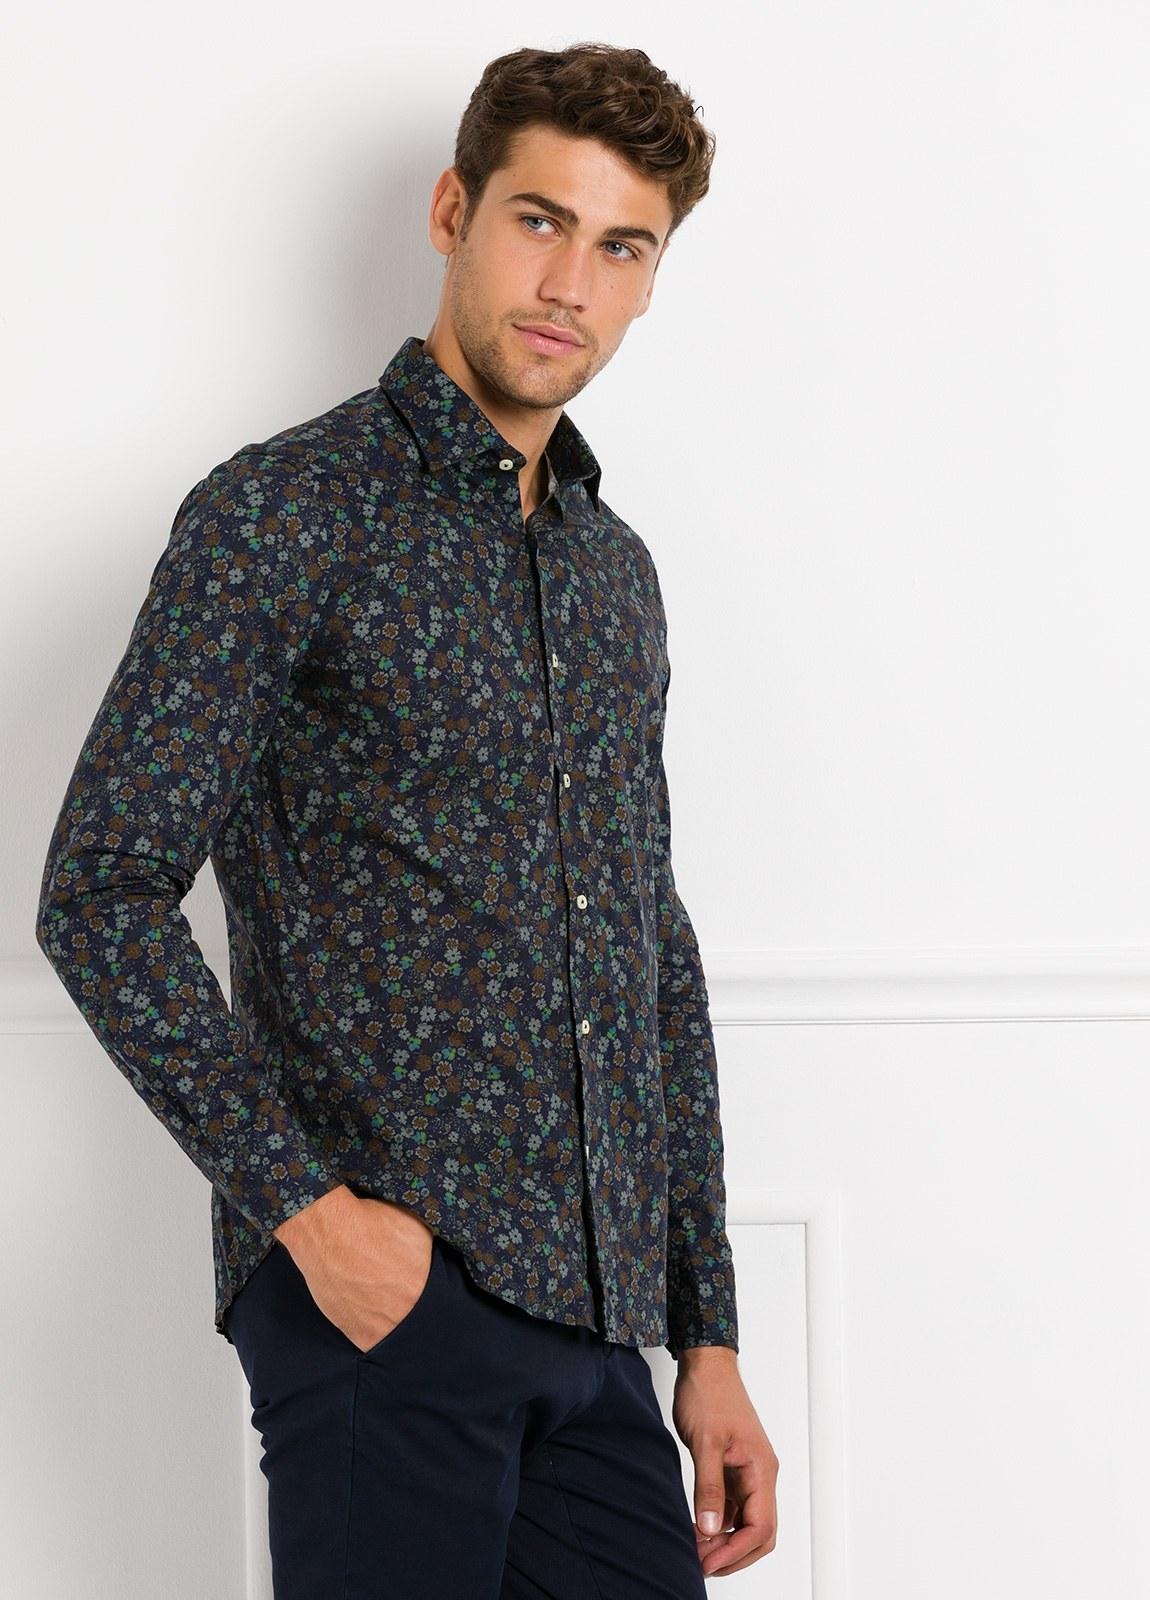 Camisa Leisure Wear SLIM FIT modelo PORTO estampado flores color azul. 100% Algodón.